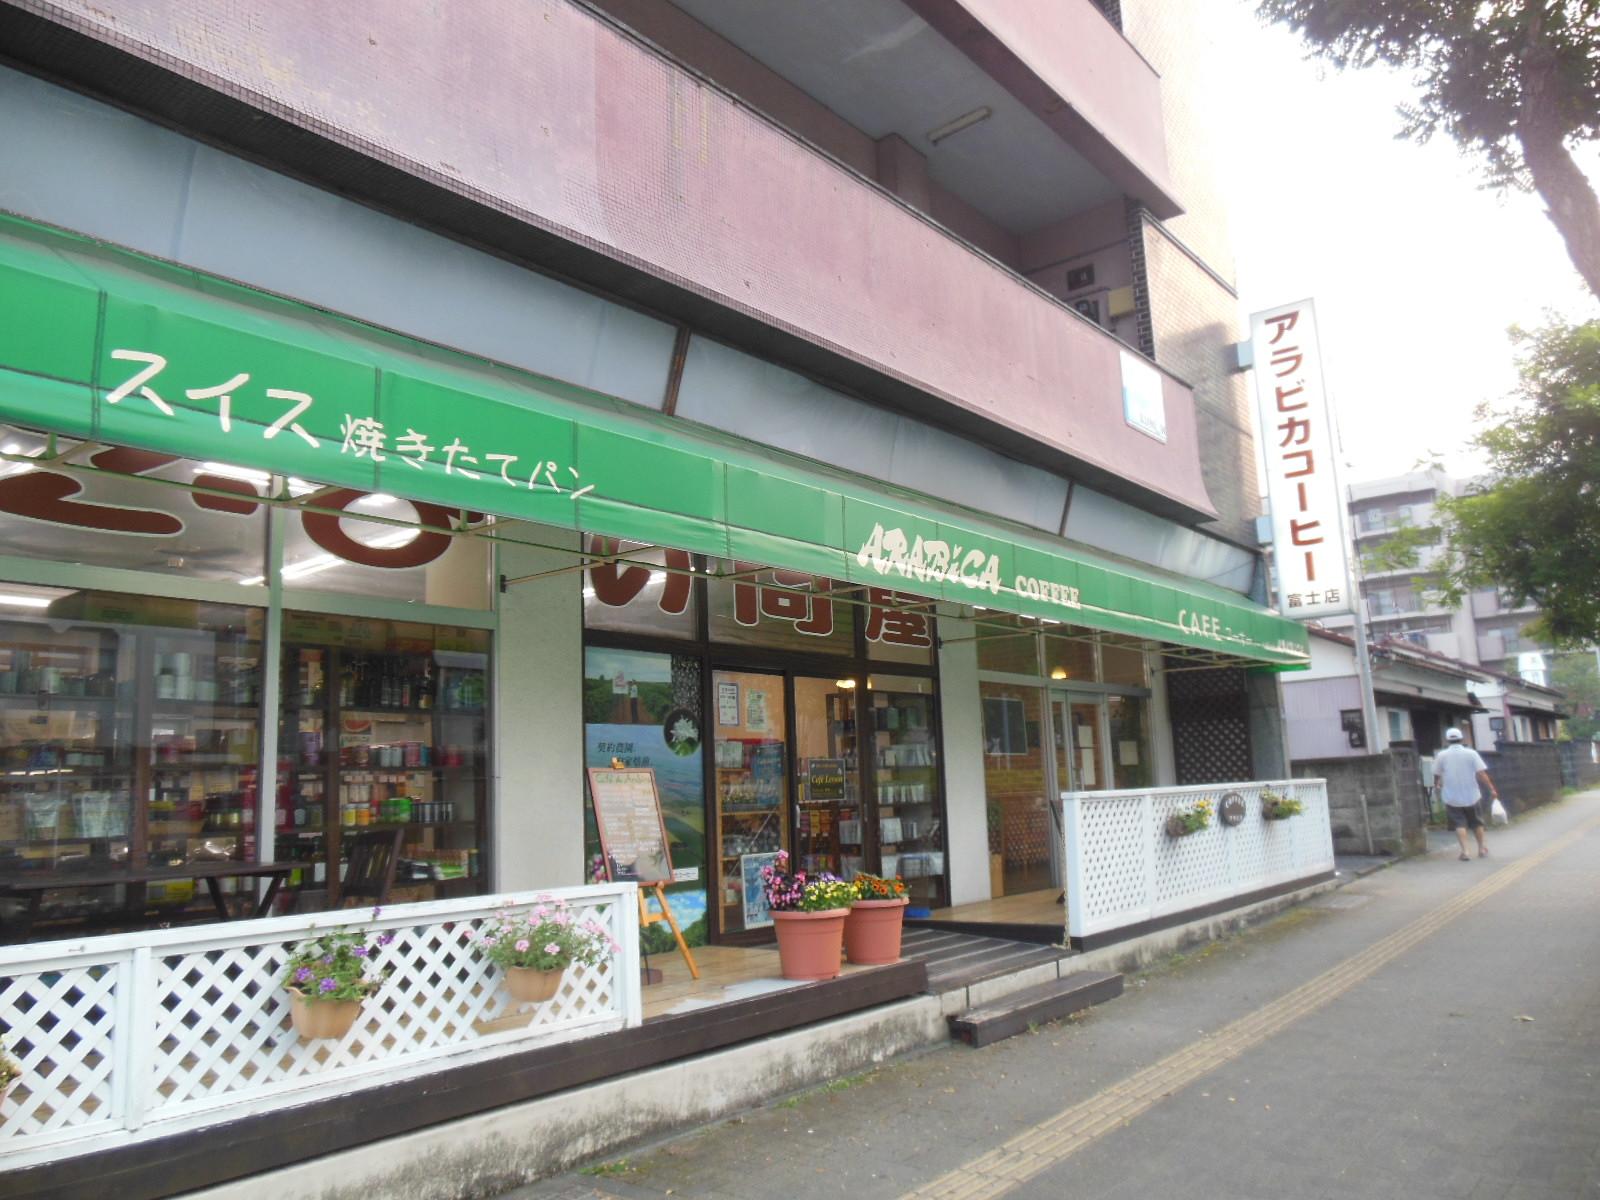 こーひい問屋 富士緑町店